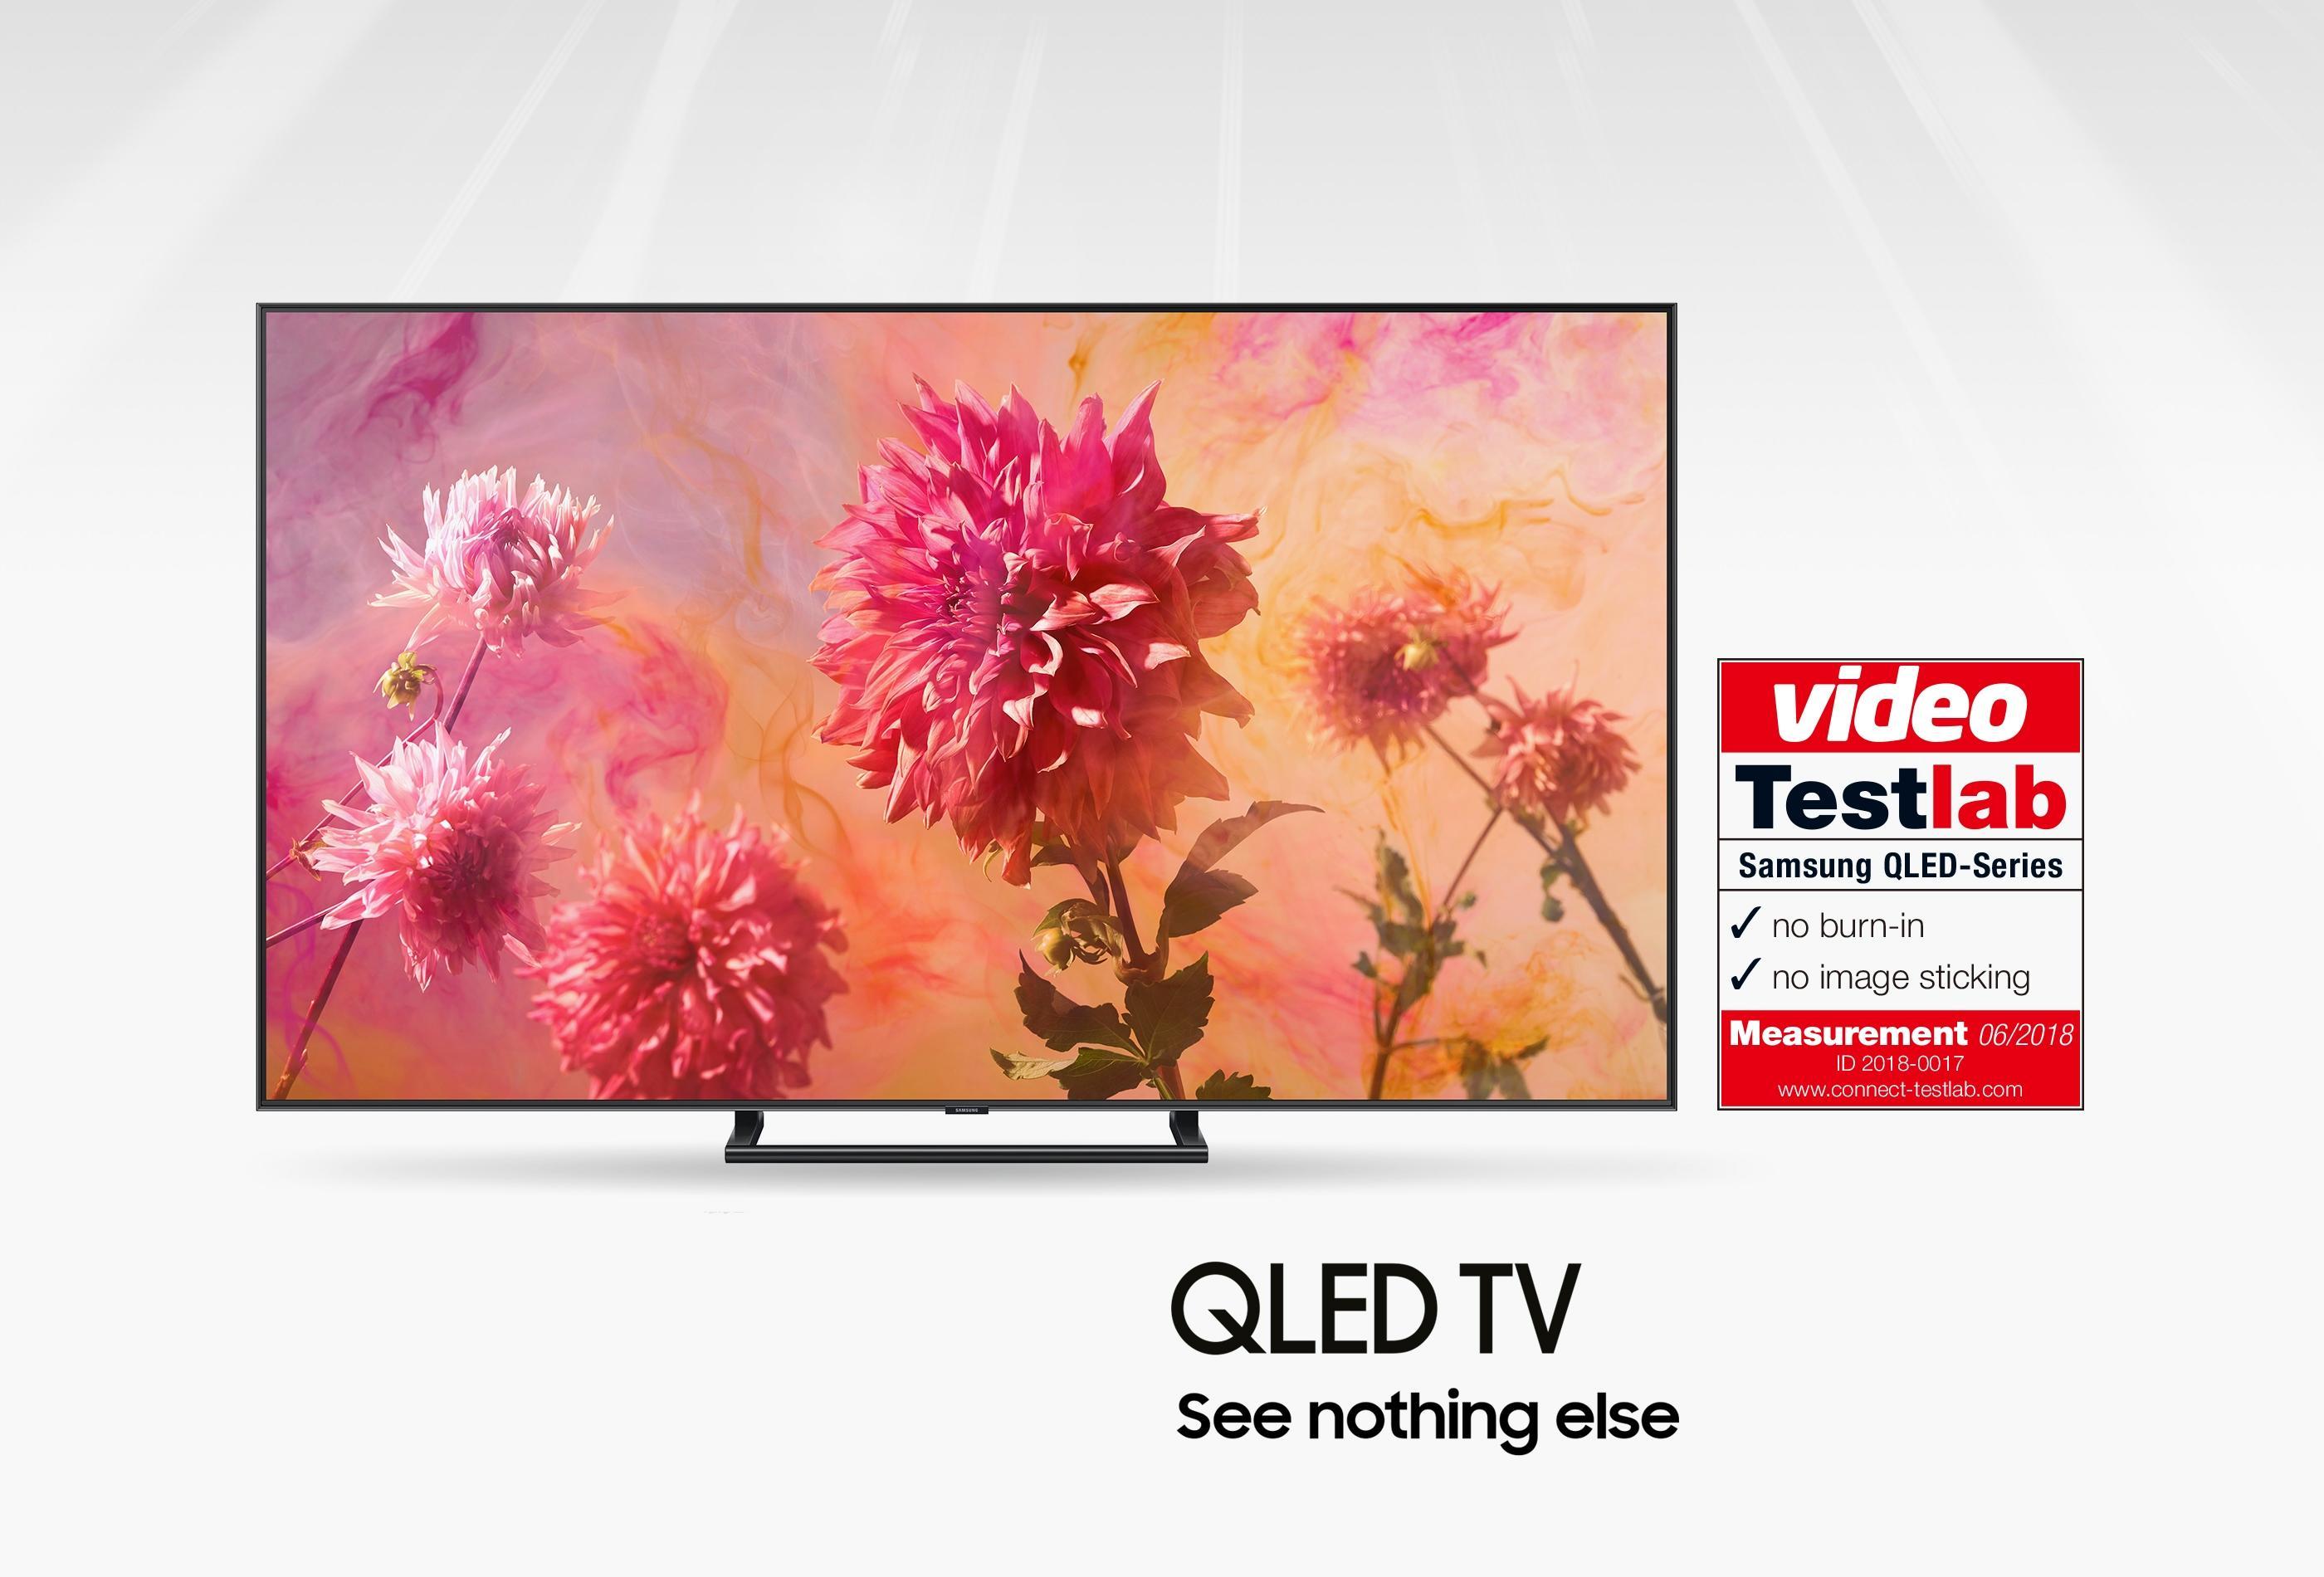 QLED-телевизоры Samsung прошли сертификацию Testlab